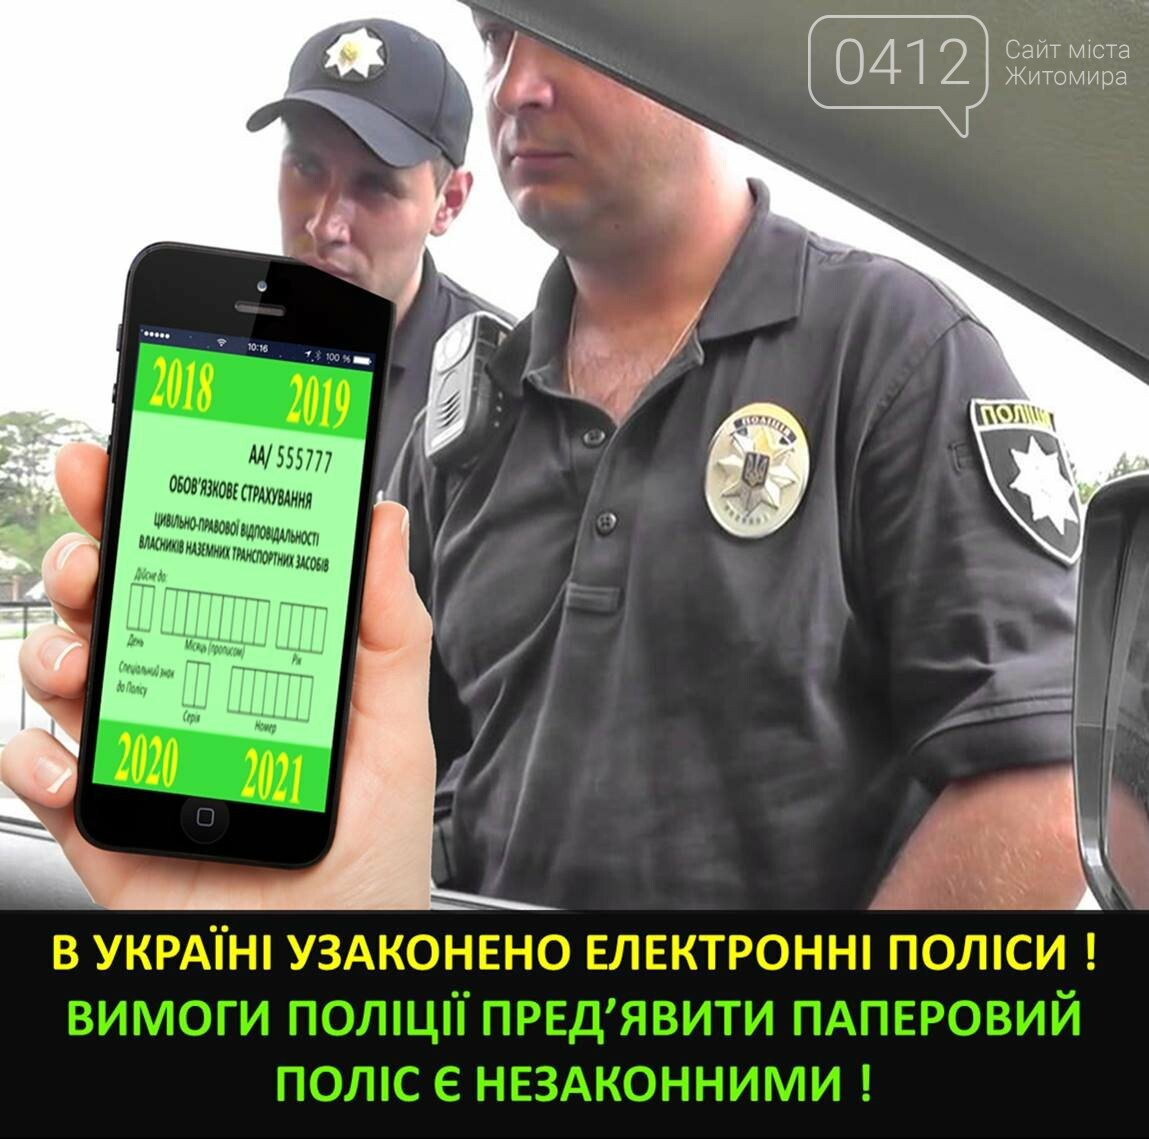 Сайт страховок для водіїв Житомирщини та нові ПДР України, фото-1